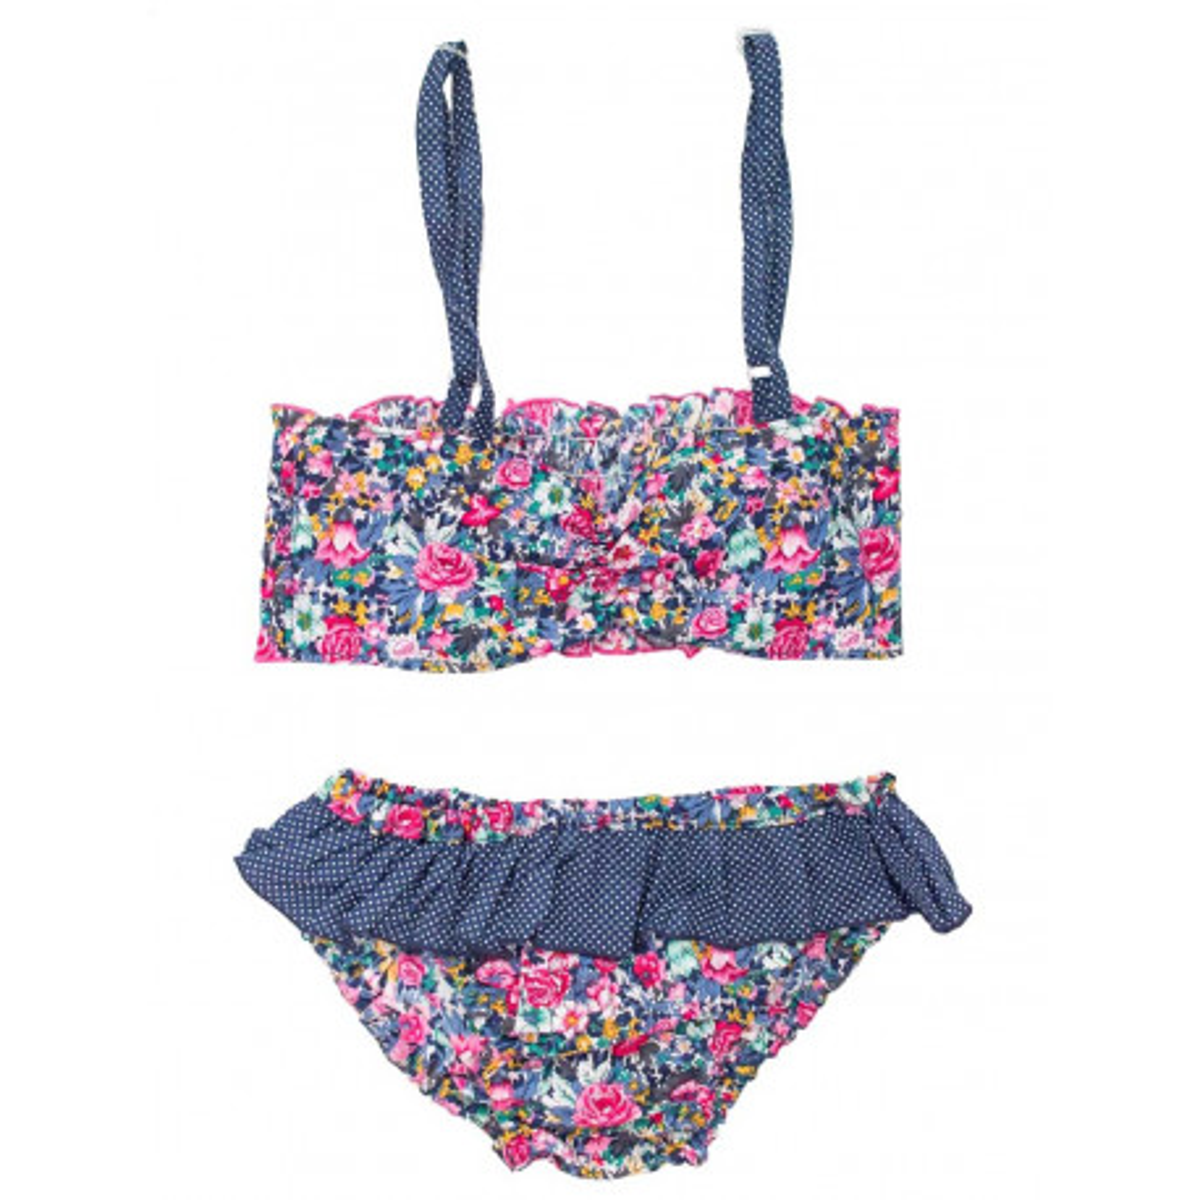 Bikini maillot de bain coton fille 4-10 ans bleu et rose à fleurs